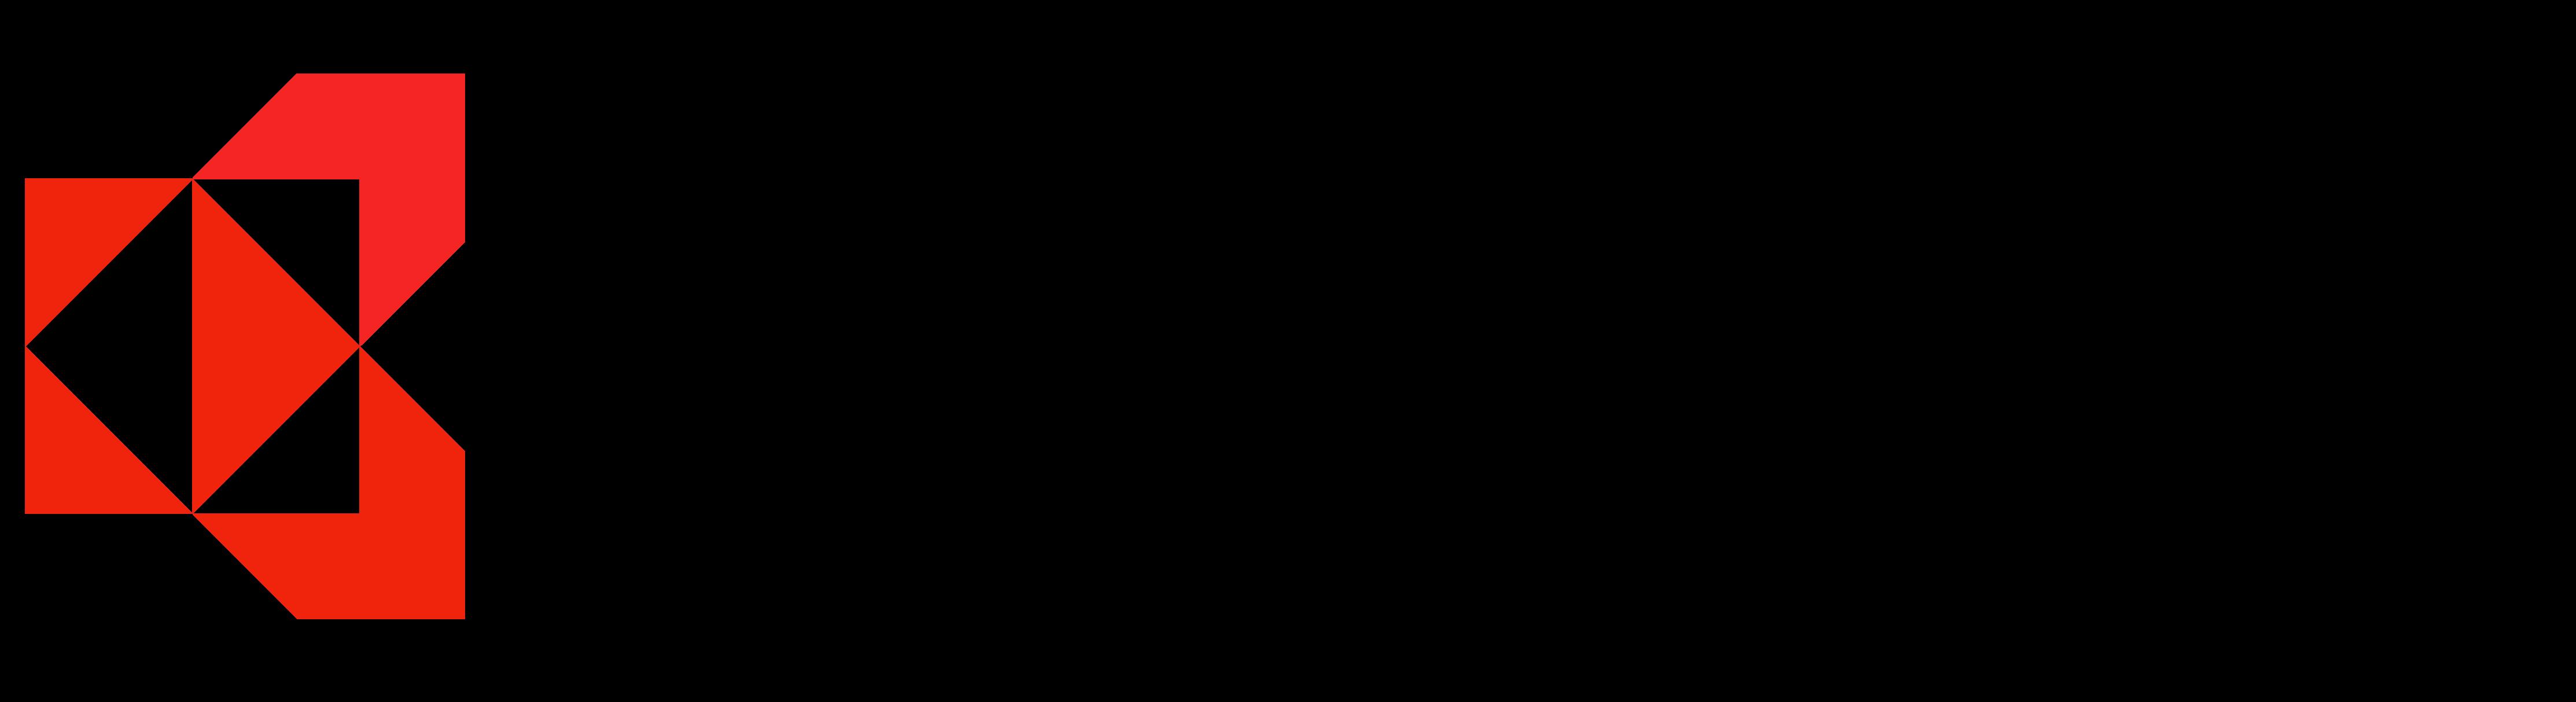 Kyocera | Kyocera